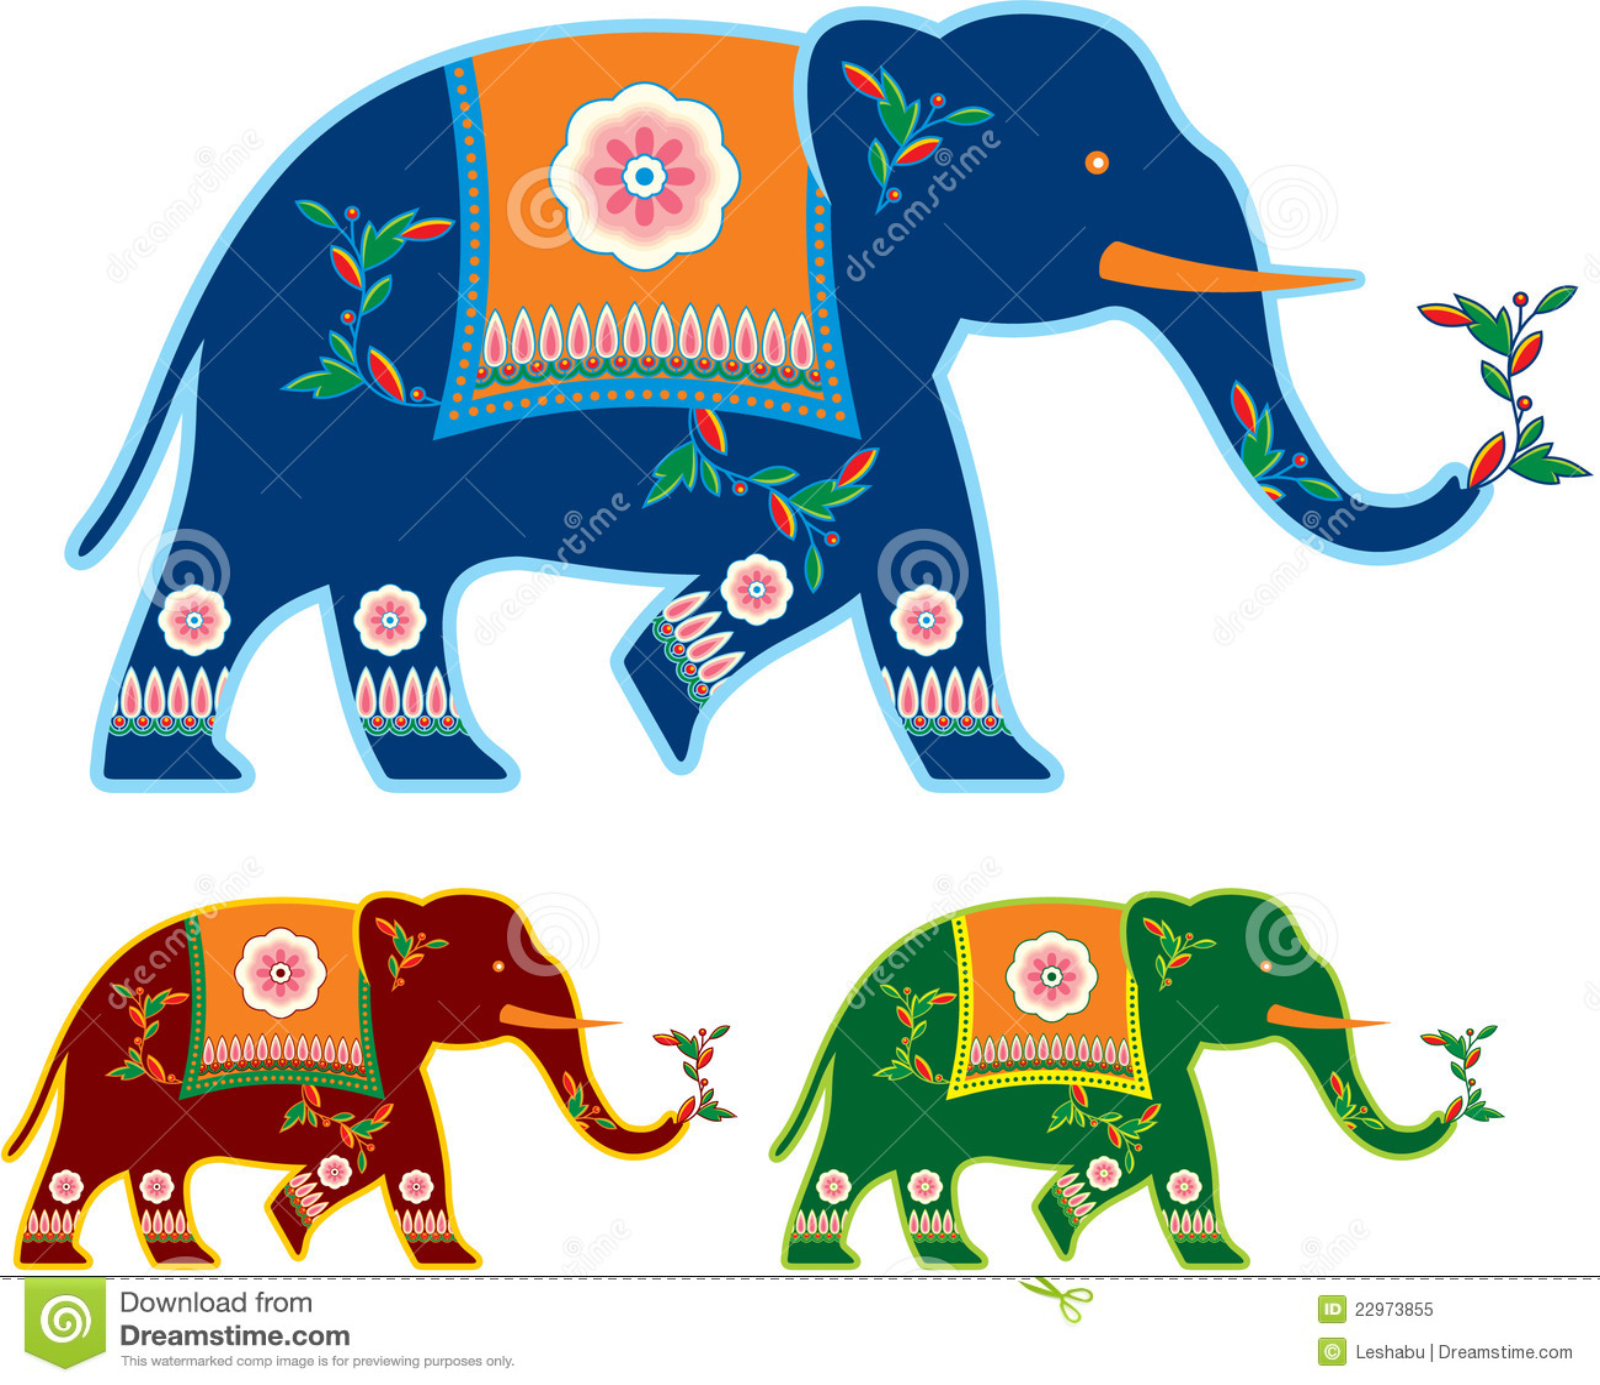 Indian Decorated Elephant Royalty Free Stock Photo - Image ...